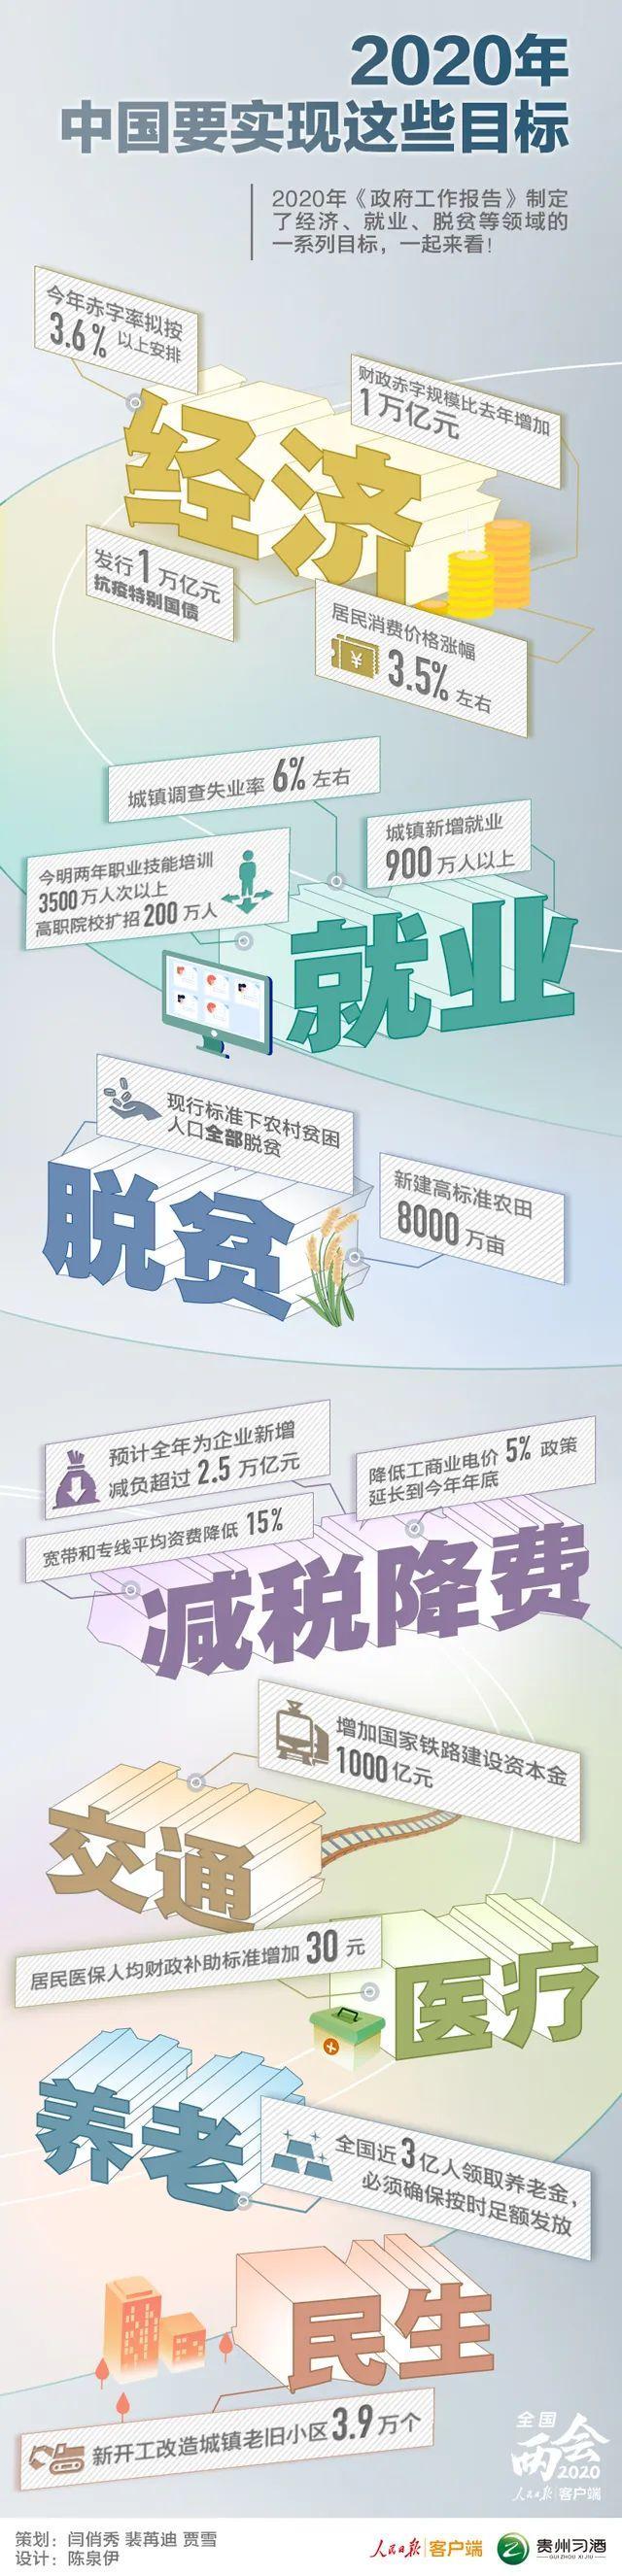 与你有关!2020年,中国要实现这些目标安卓版